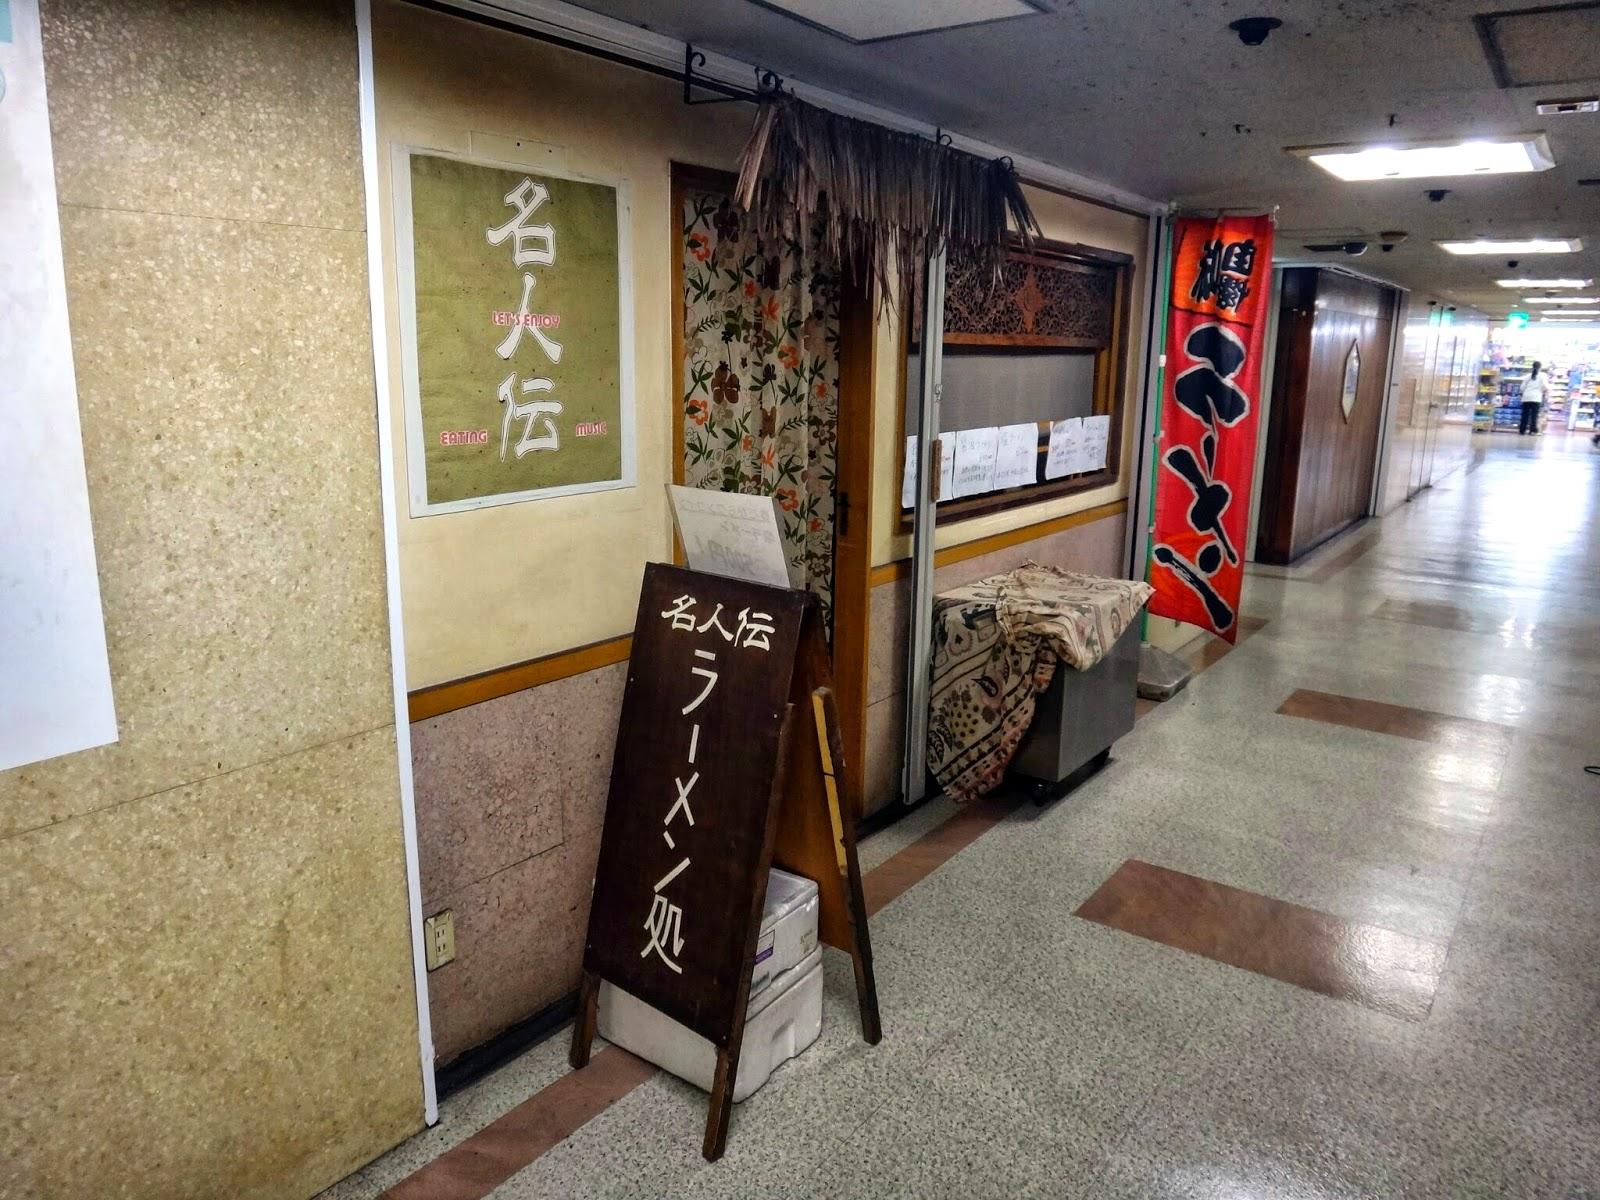 キャノンデールのB級食べ歩記: 大阪駅前第1ビルの路地に潜む謎 ...